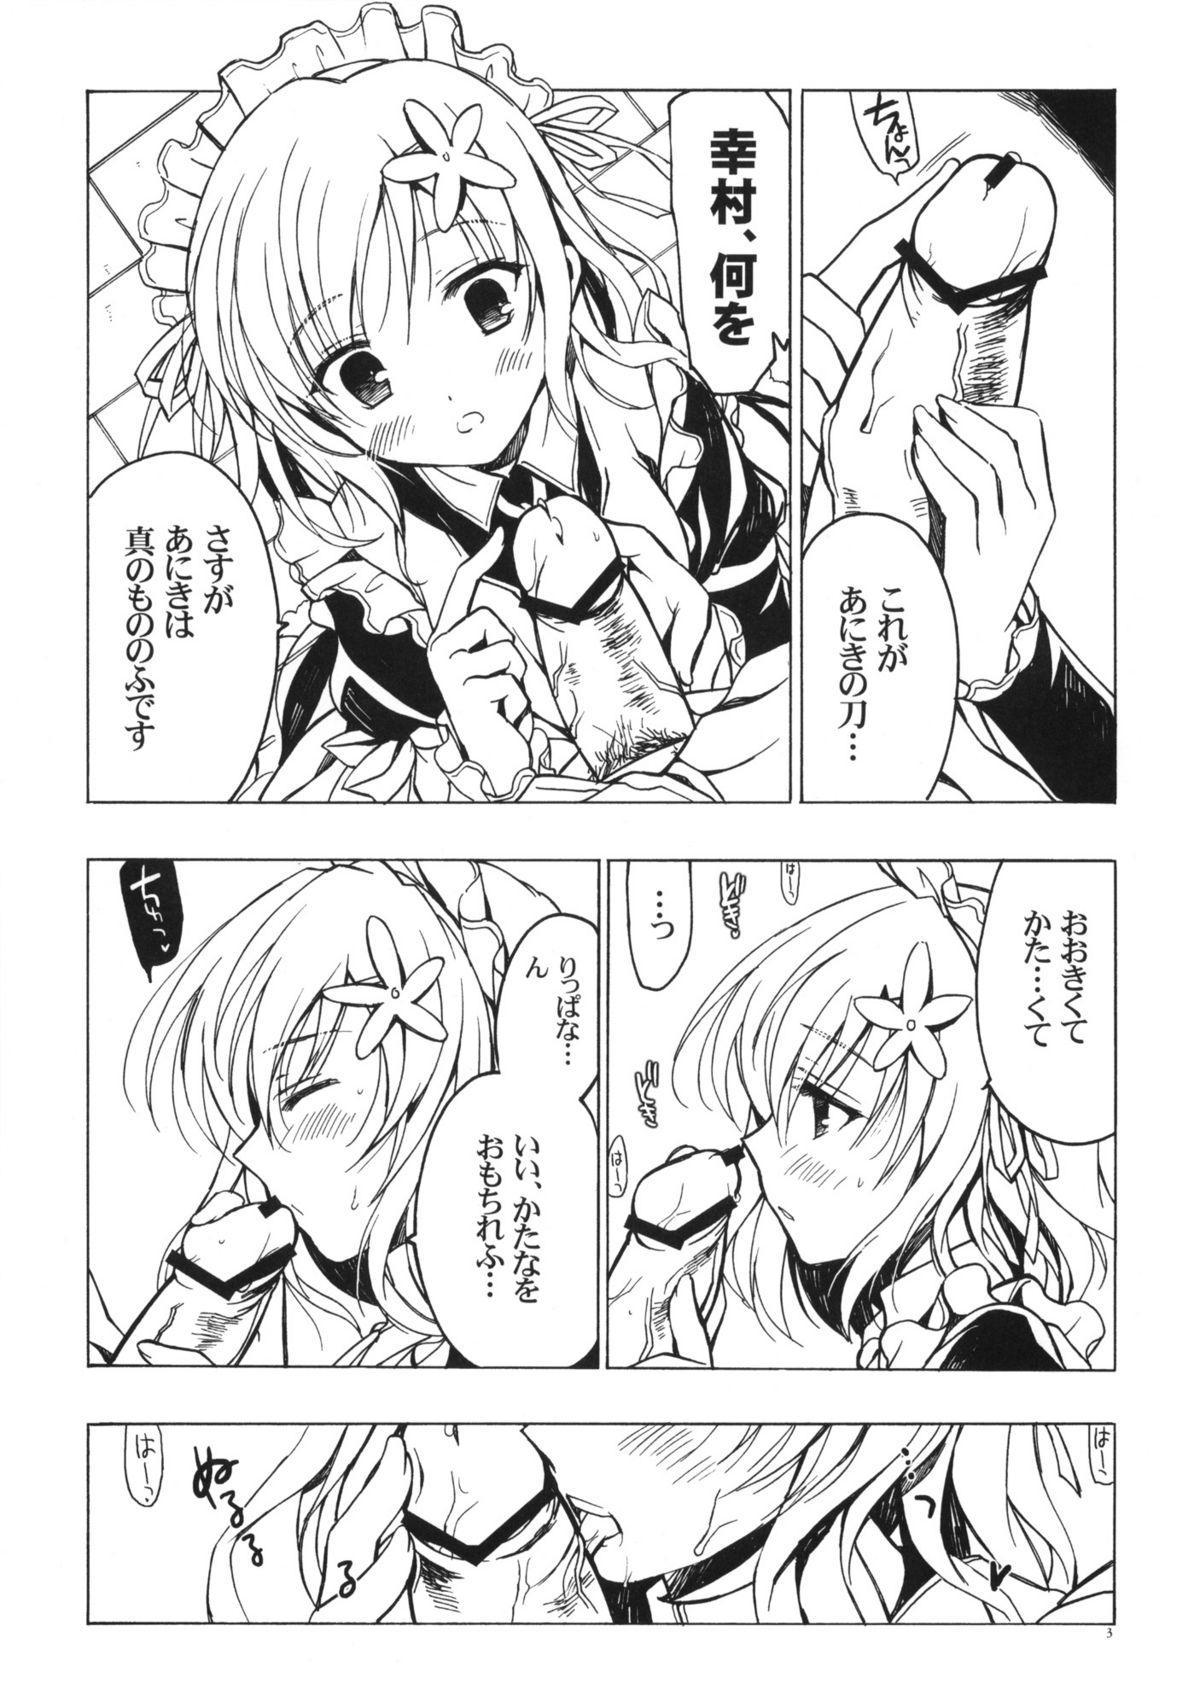 Boku ni wa Yukimura ga Tarinai Junbigou 2